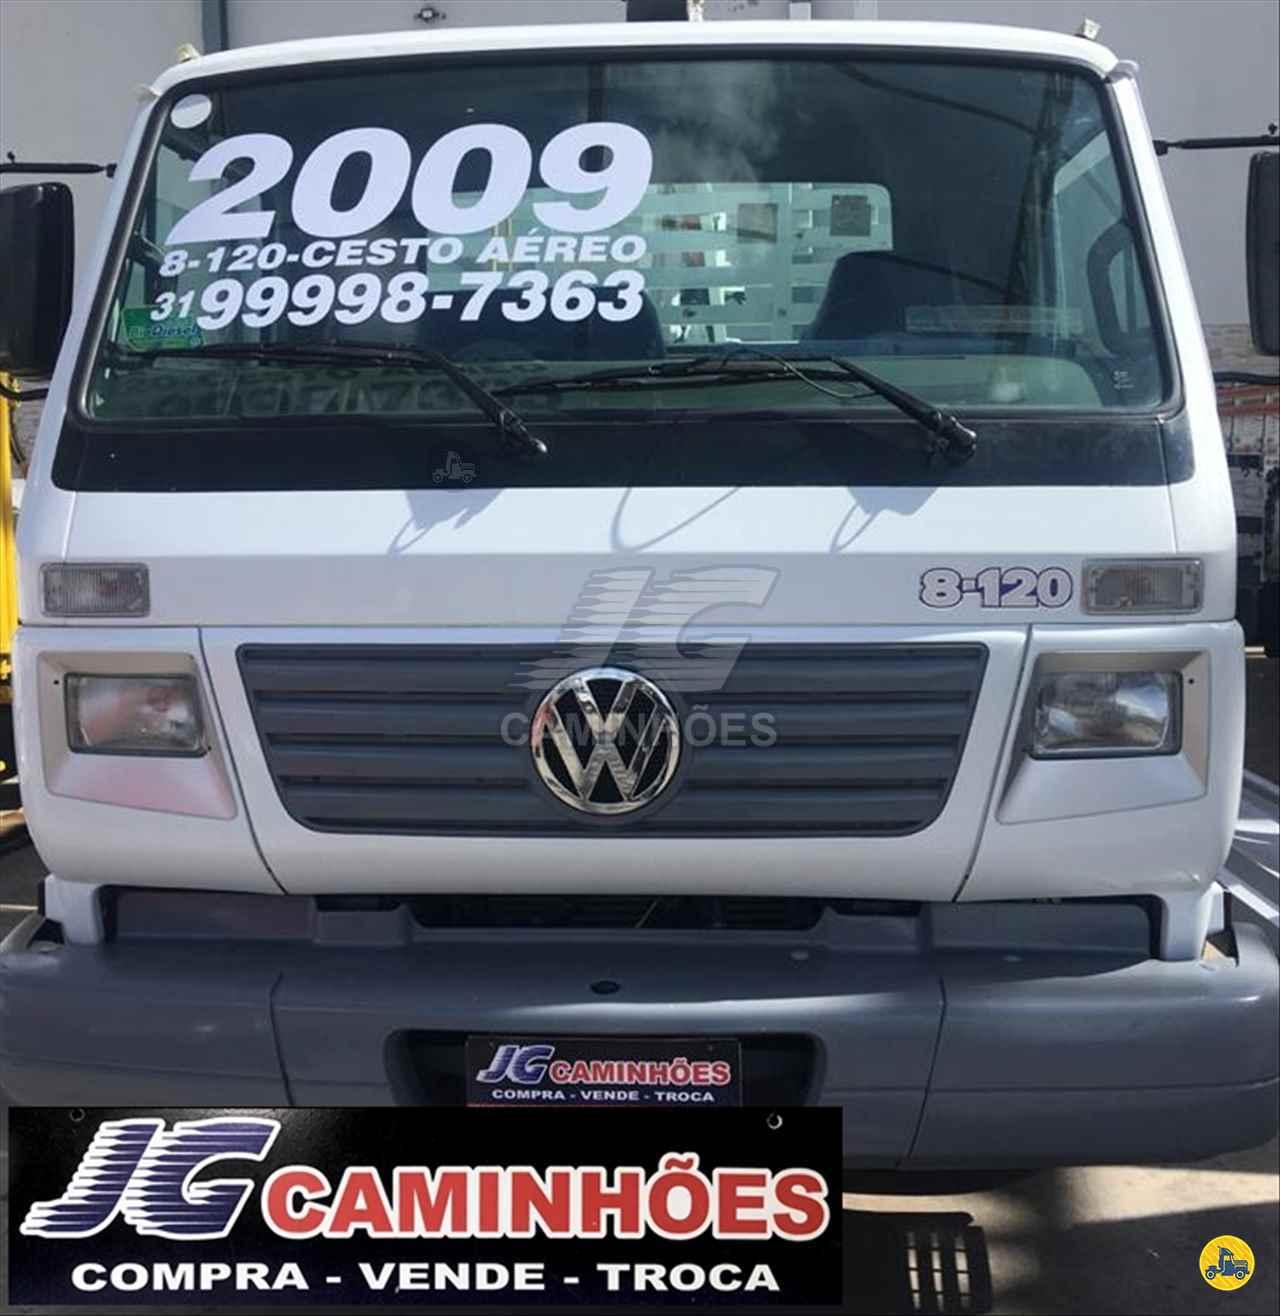 CAMINHAO VOLKSWAGEN VW 8120 Cesto Aereo Isolado 3/4 4x2 JG Caminhões JOAO MONLEVADE MINAS GERAIS MG